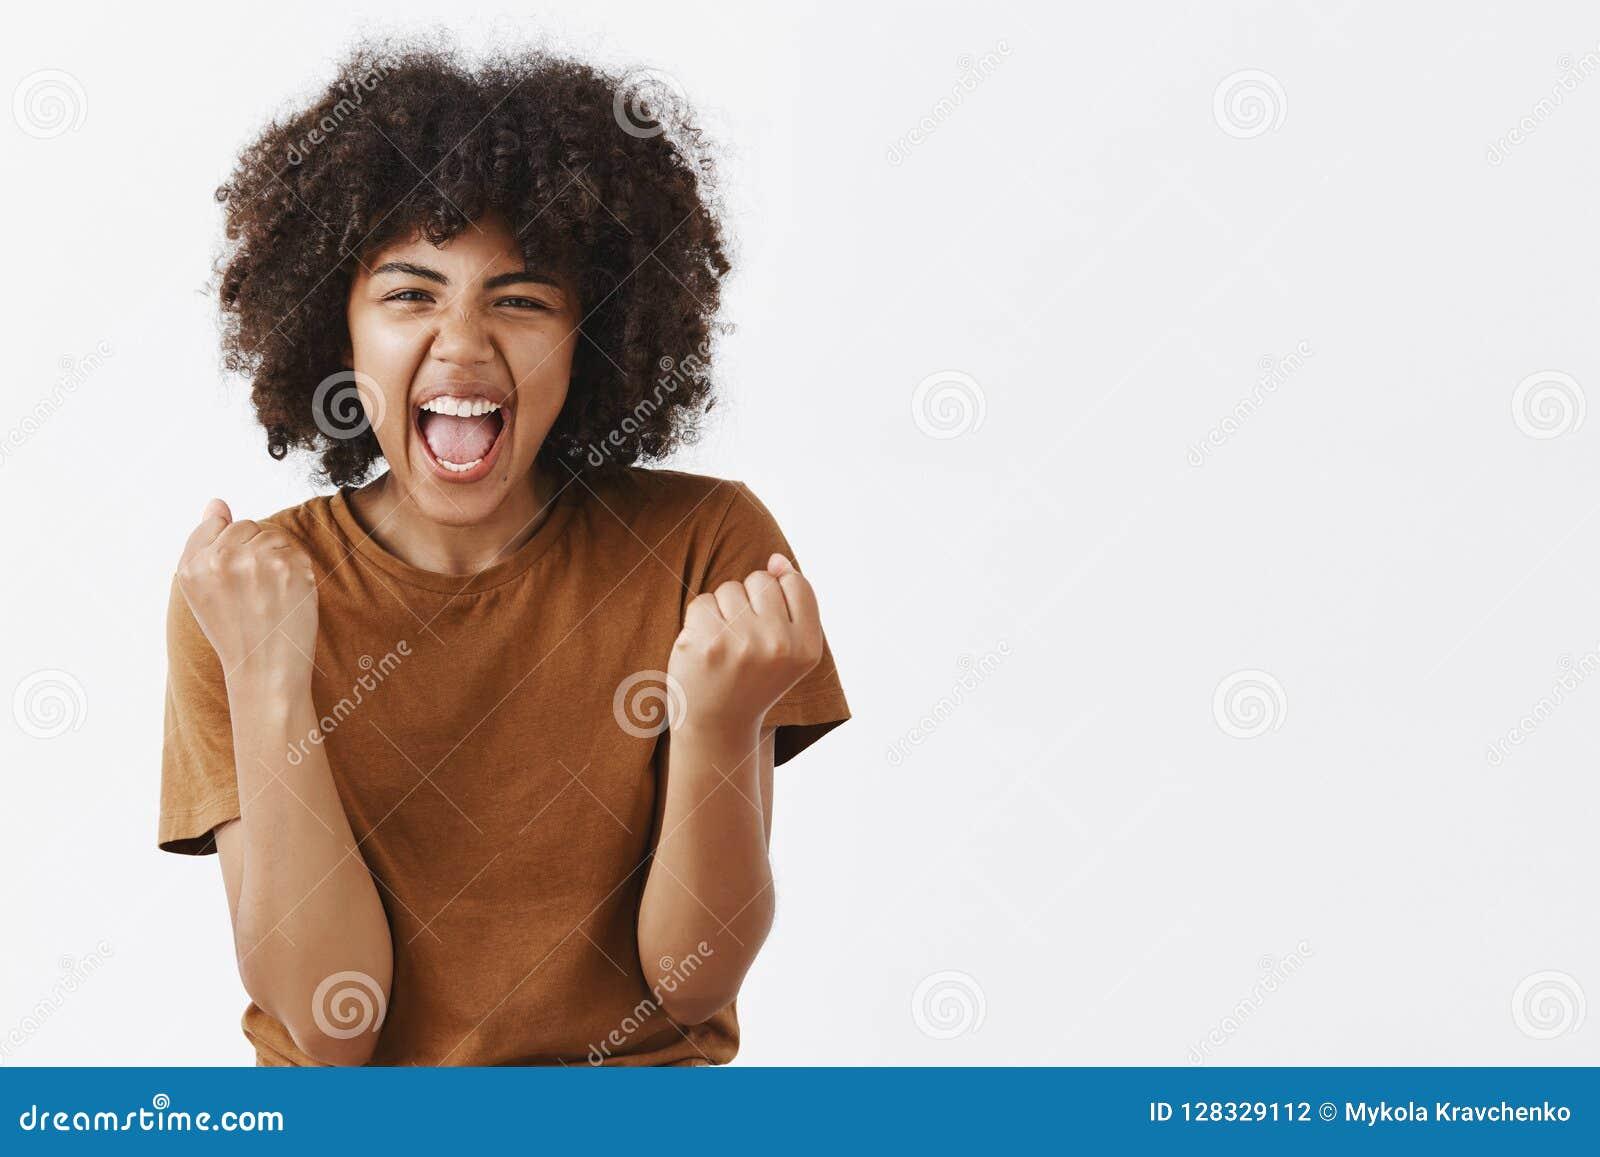 Да мы сделали его команда Портрет радостной excited и эмотивной счастливой темнокожей студентки веселя для любимой команды